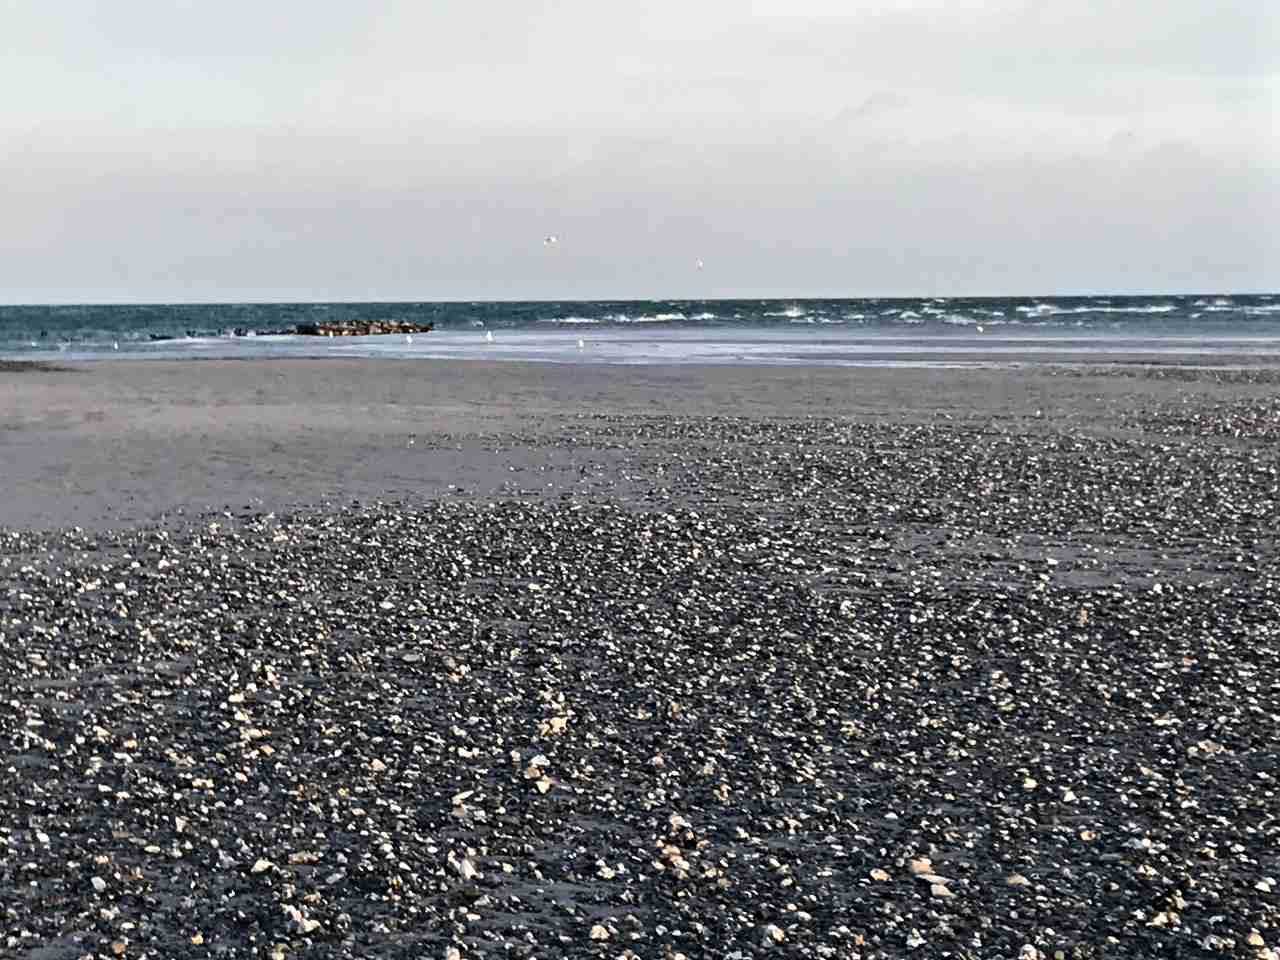 Sälar på sandbankar i havet.